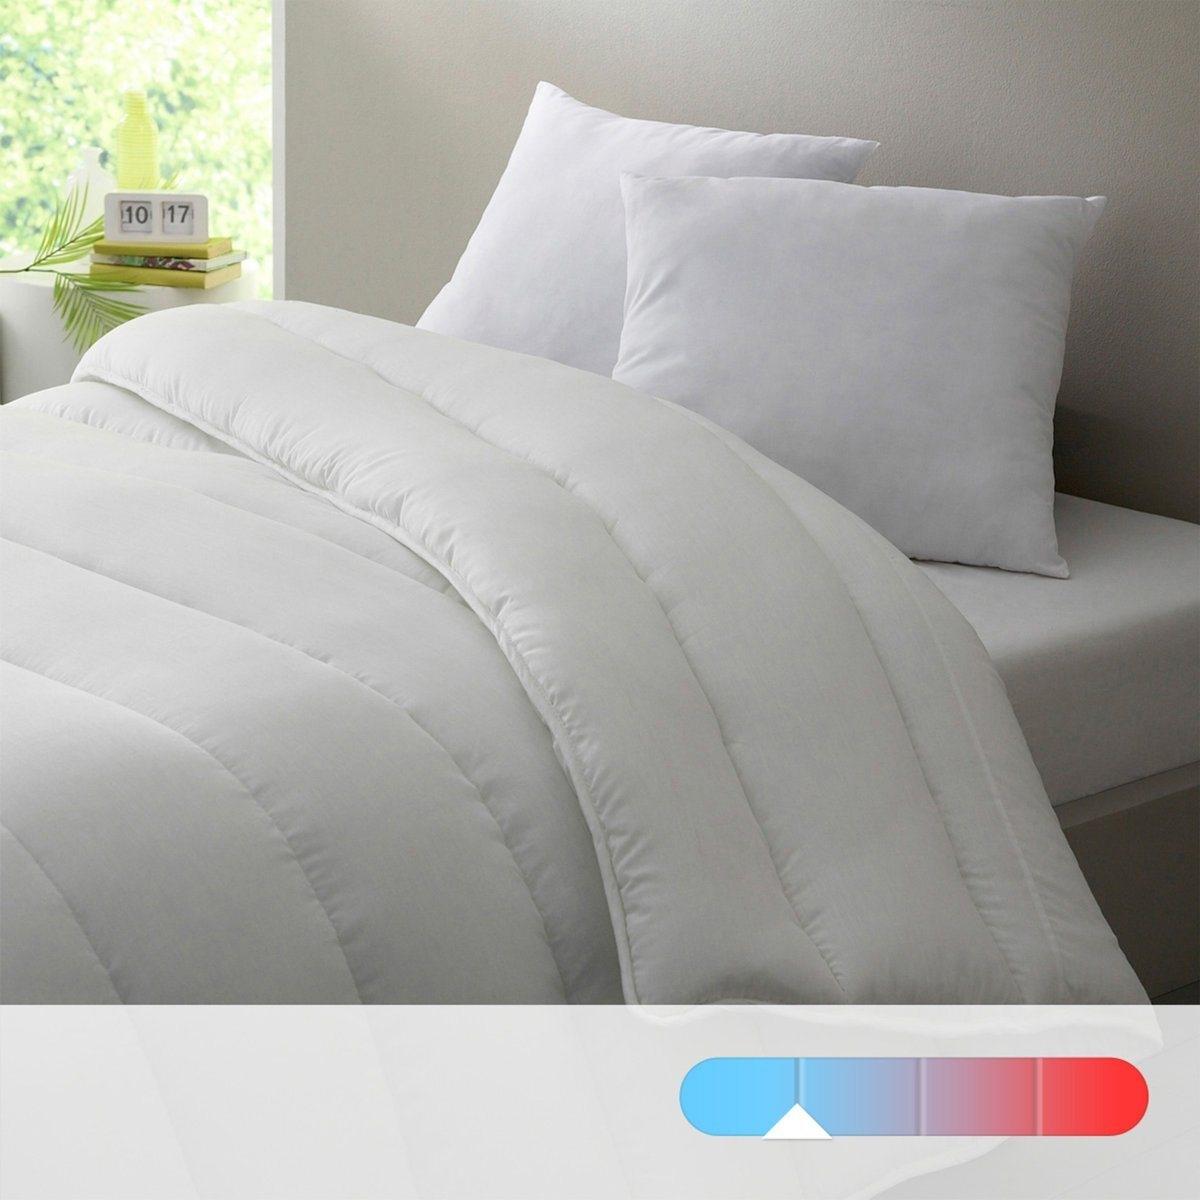 купить Одеяло La Redoute С обработкой гм 140 x 200 см белый по цене 2399 рублей